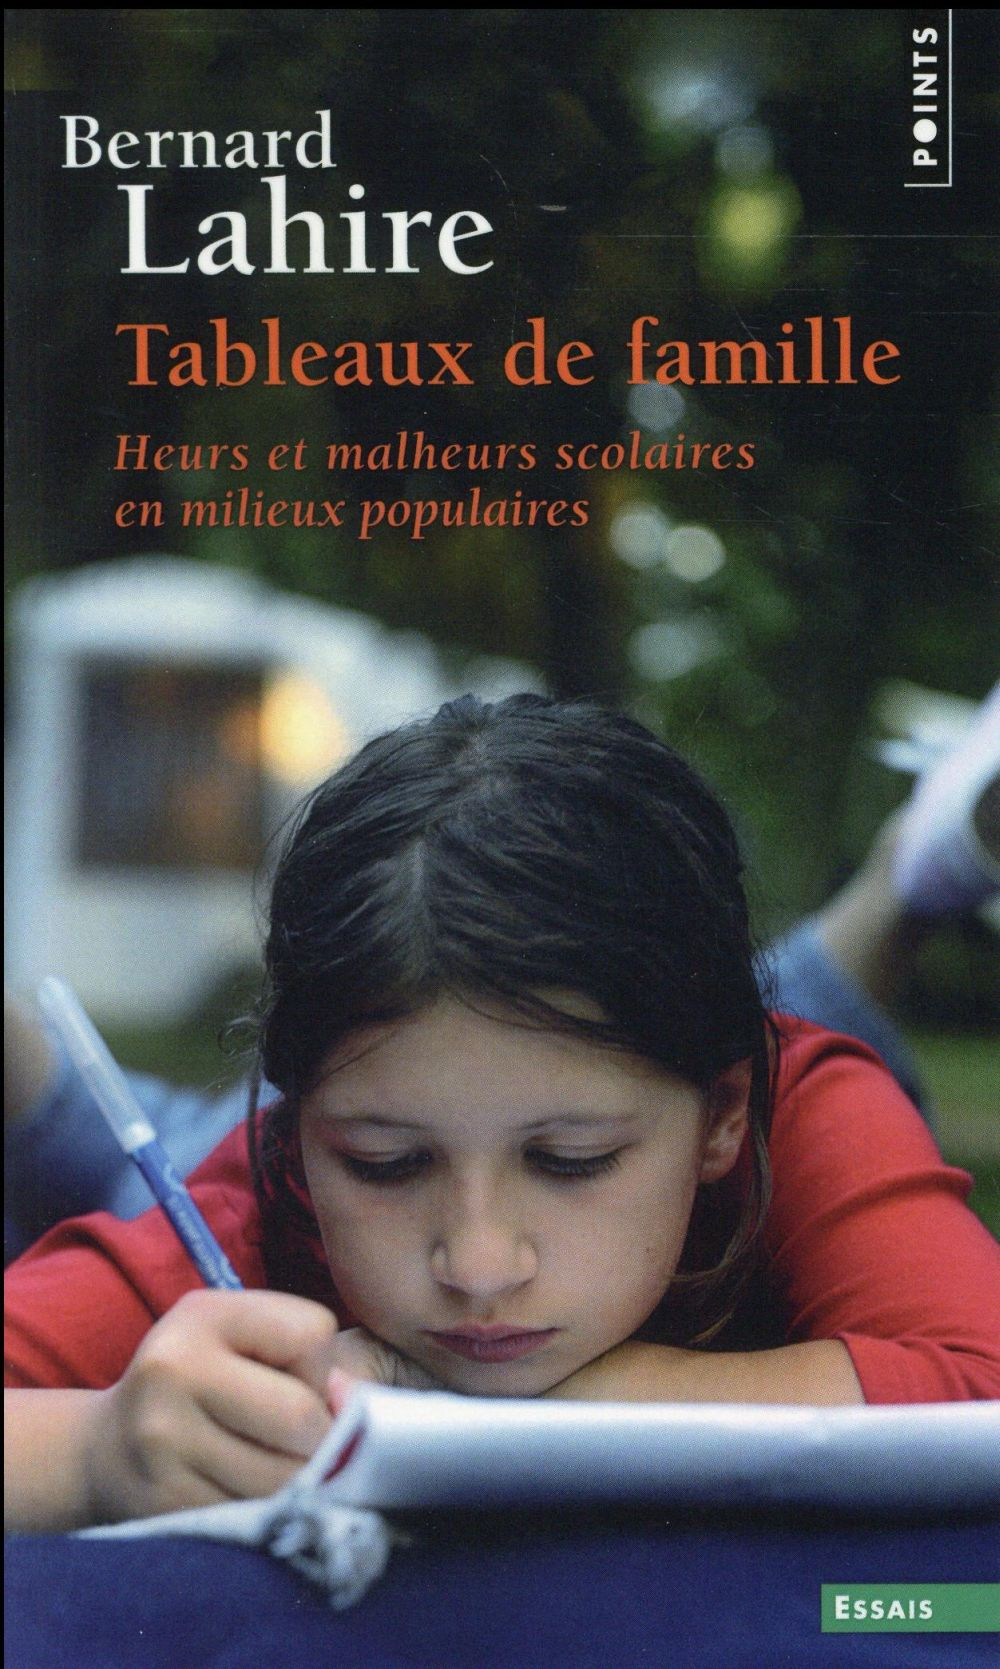 TABLEAUX DE FAMILLE. HEURS ET MALHEURS SCOLAIRES E LAHIRE BERNARD Points